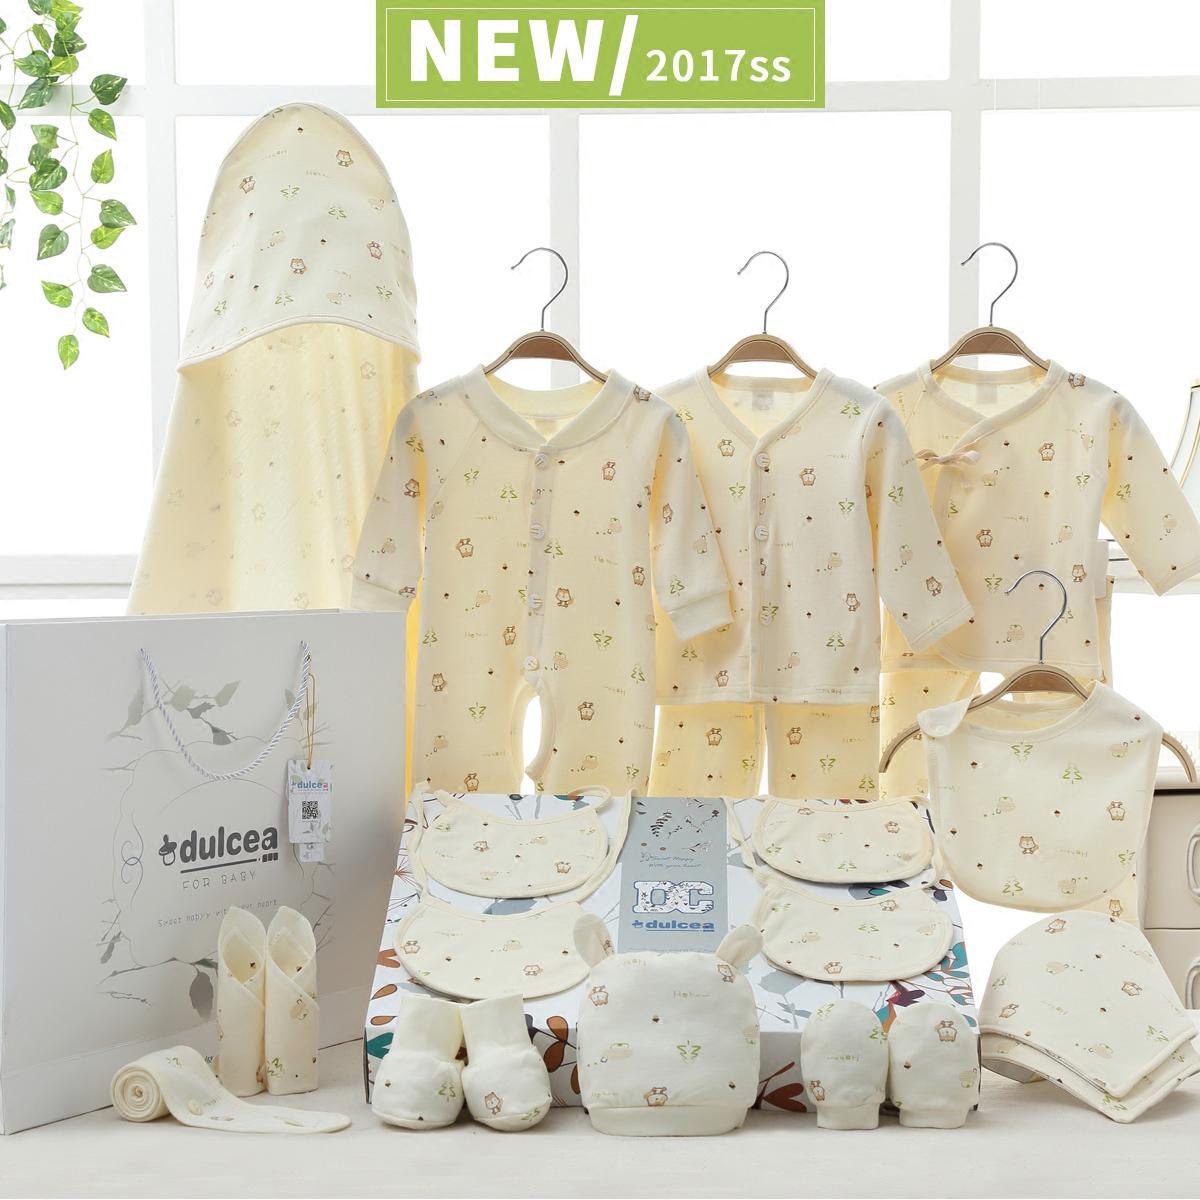 四季初生母婴礼盒大全用品春装宝宝衣服新生儿婴儿纯棉